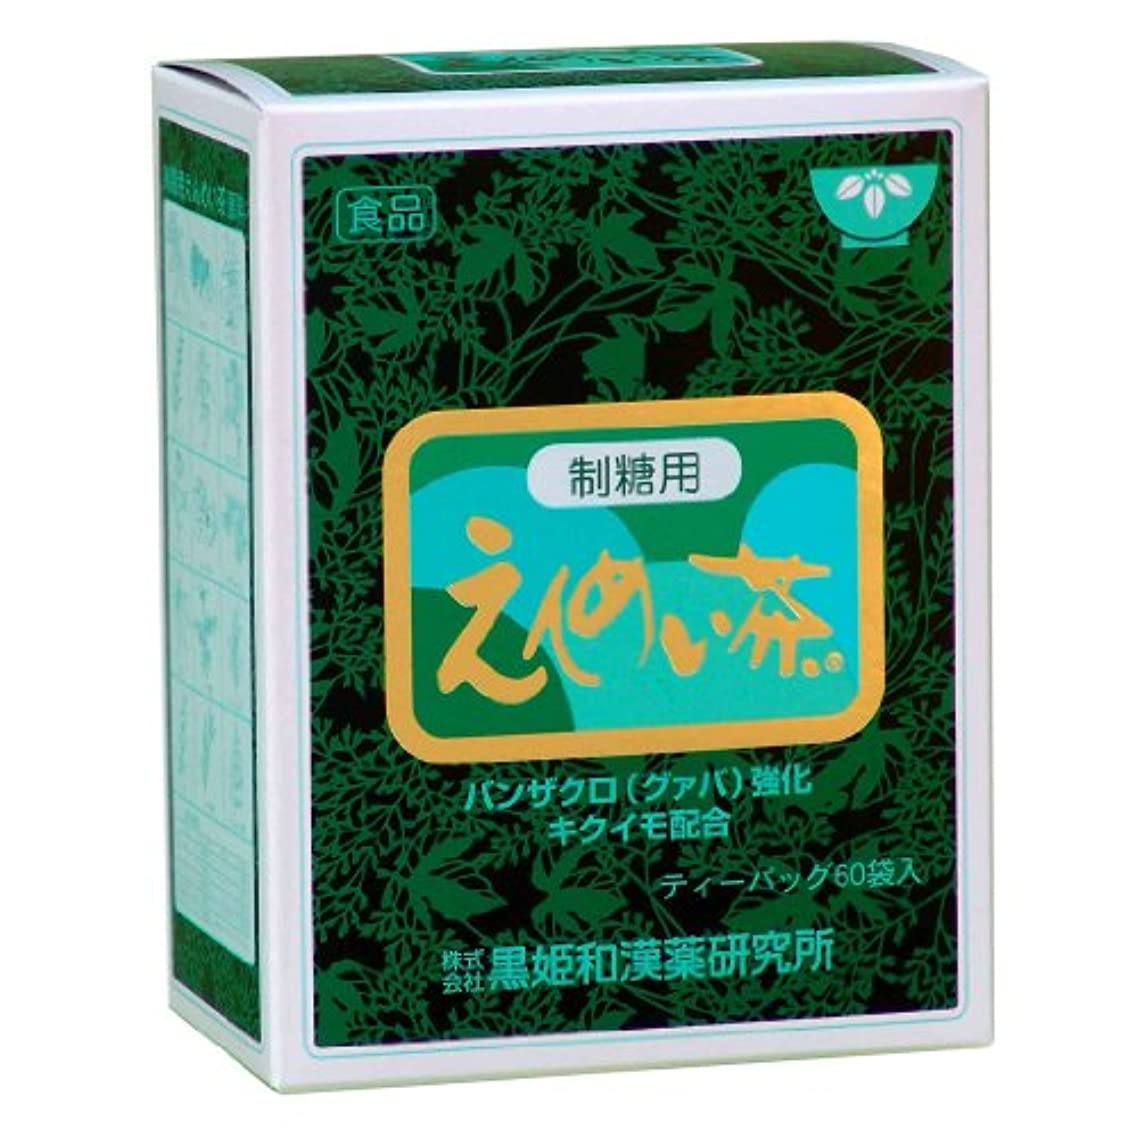 従順なサラダ麺ユニマットリケン 黒姫えんめい茶制糖用 5gx60包